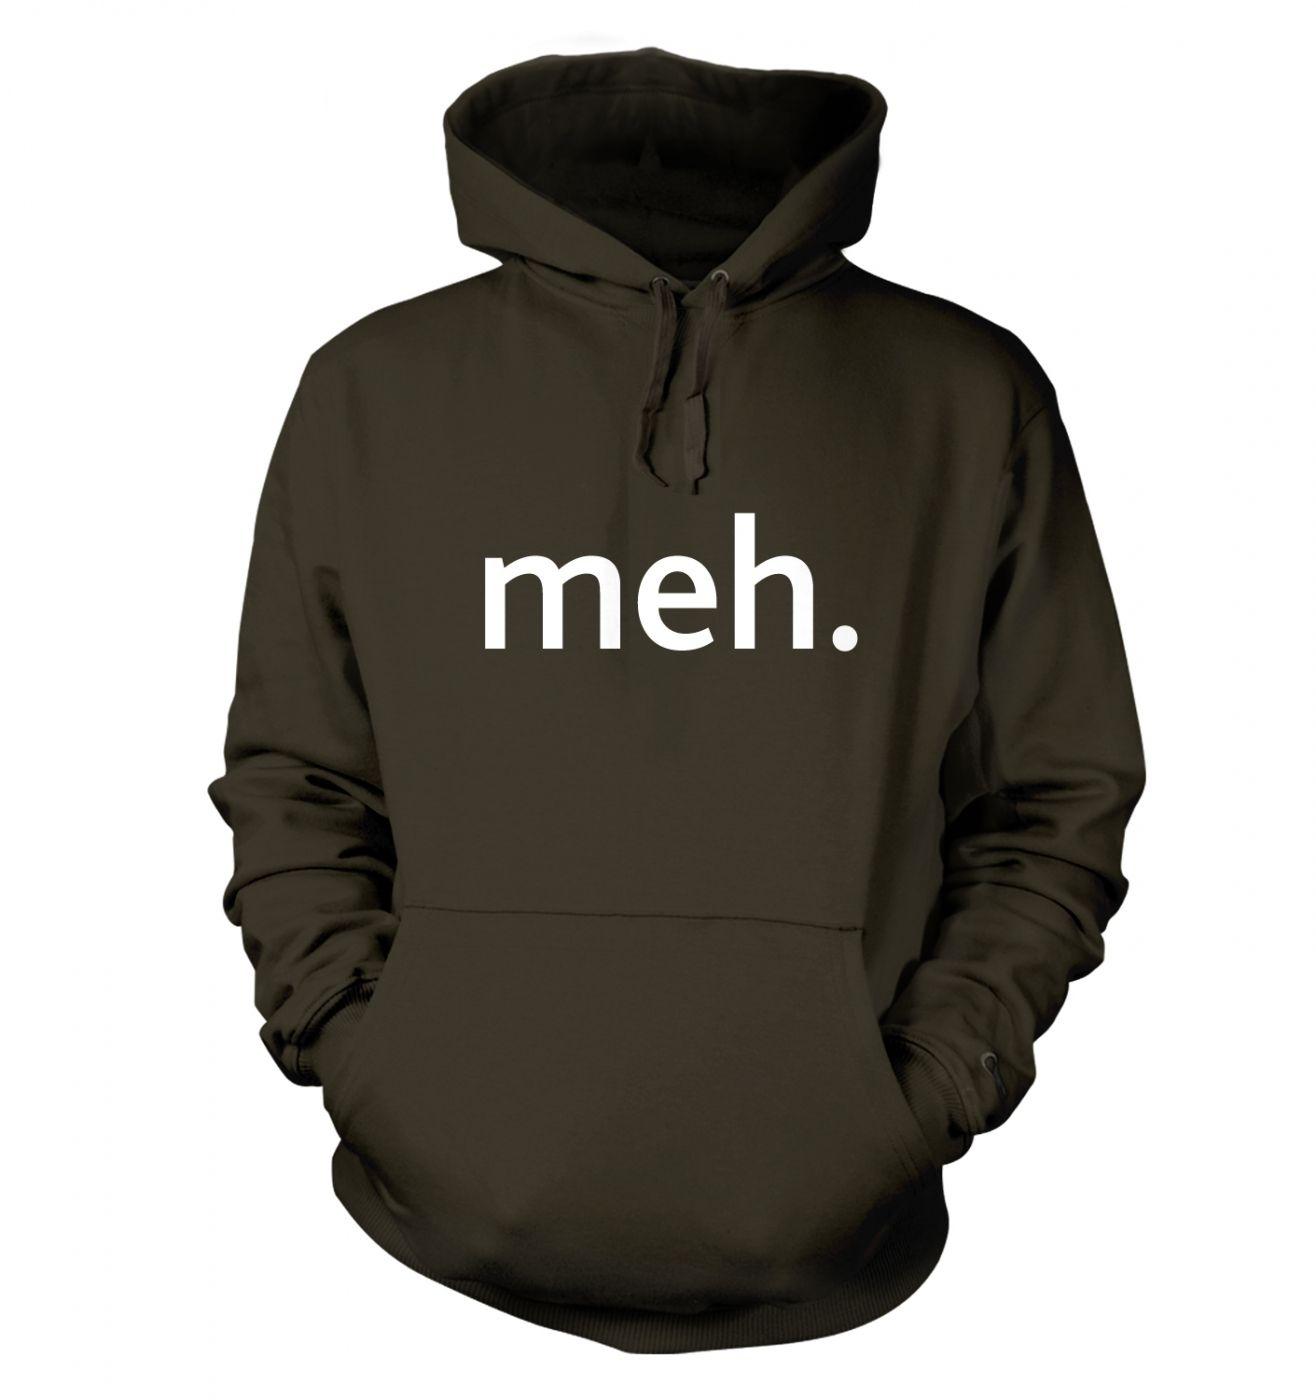 Meh adult's hoodie